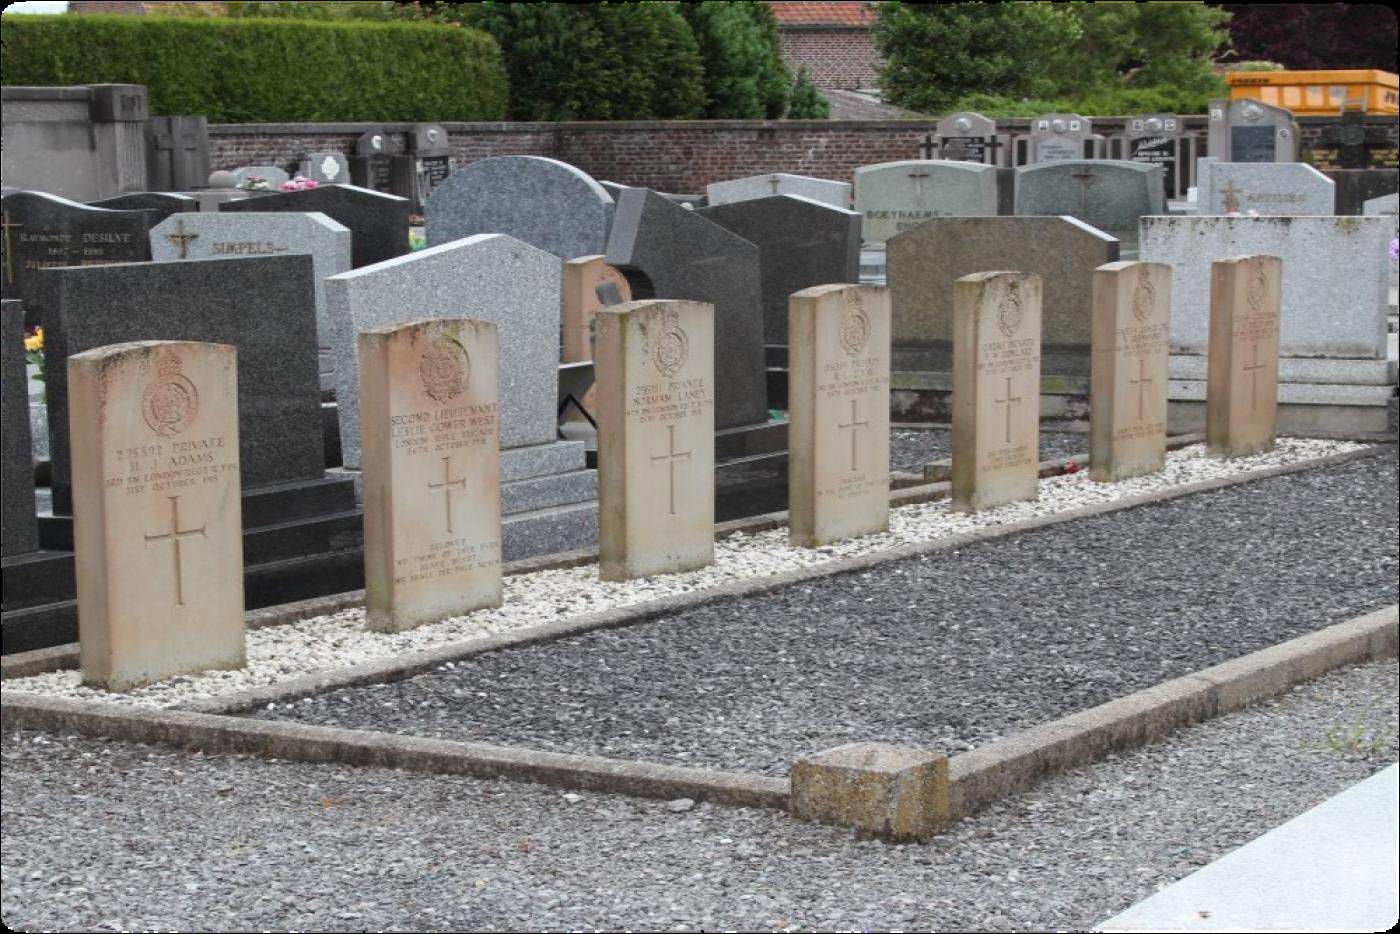 West grave